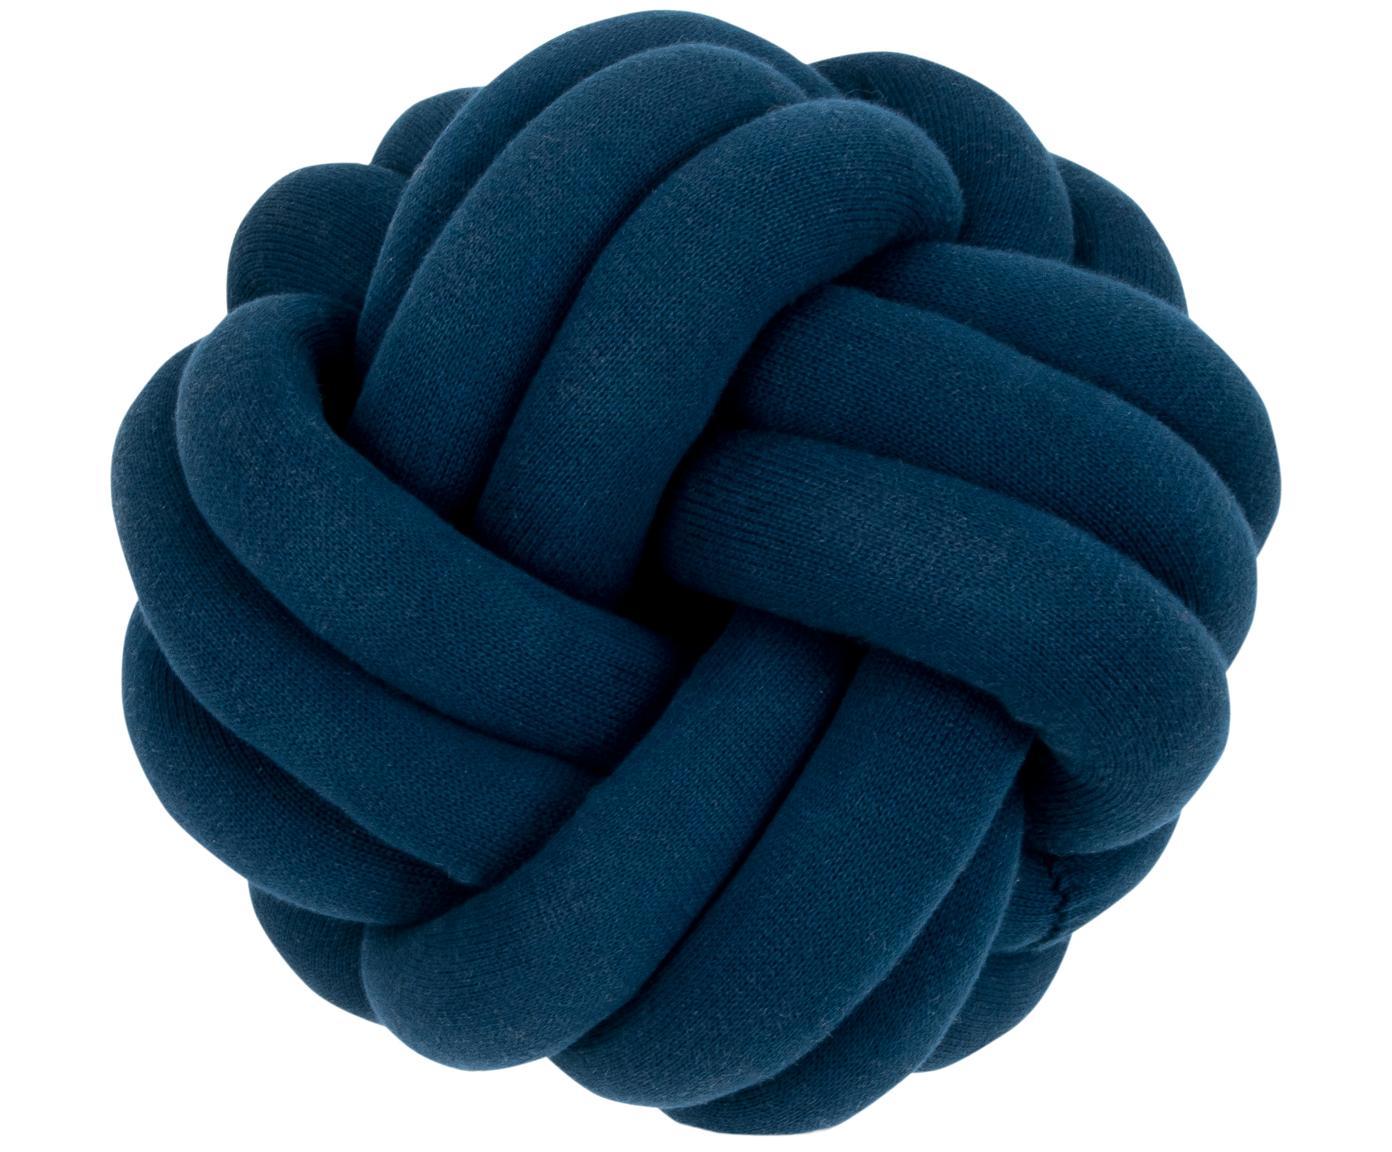 Kussen Twist, Donkerblauw, Ø 30 cm